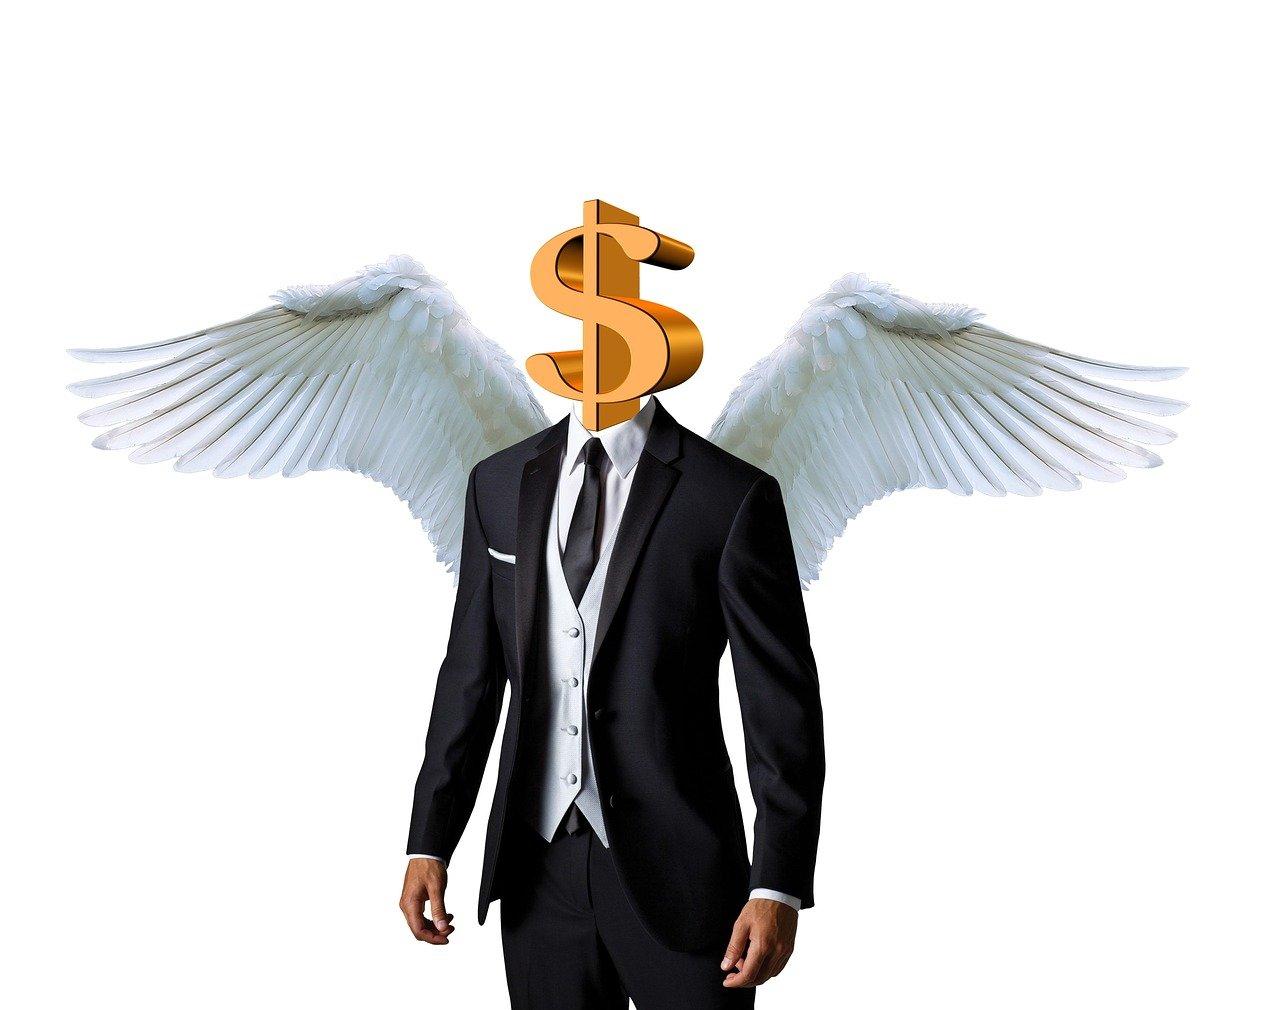 Investimento anjo supera R$ 1 bi em 2019; fintechs ficam com 52%